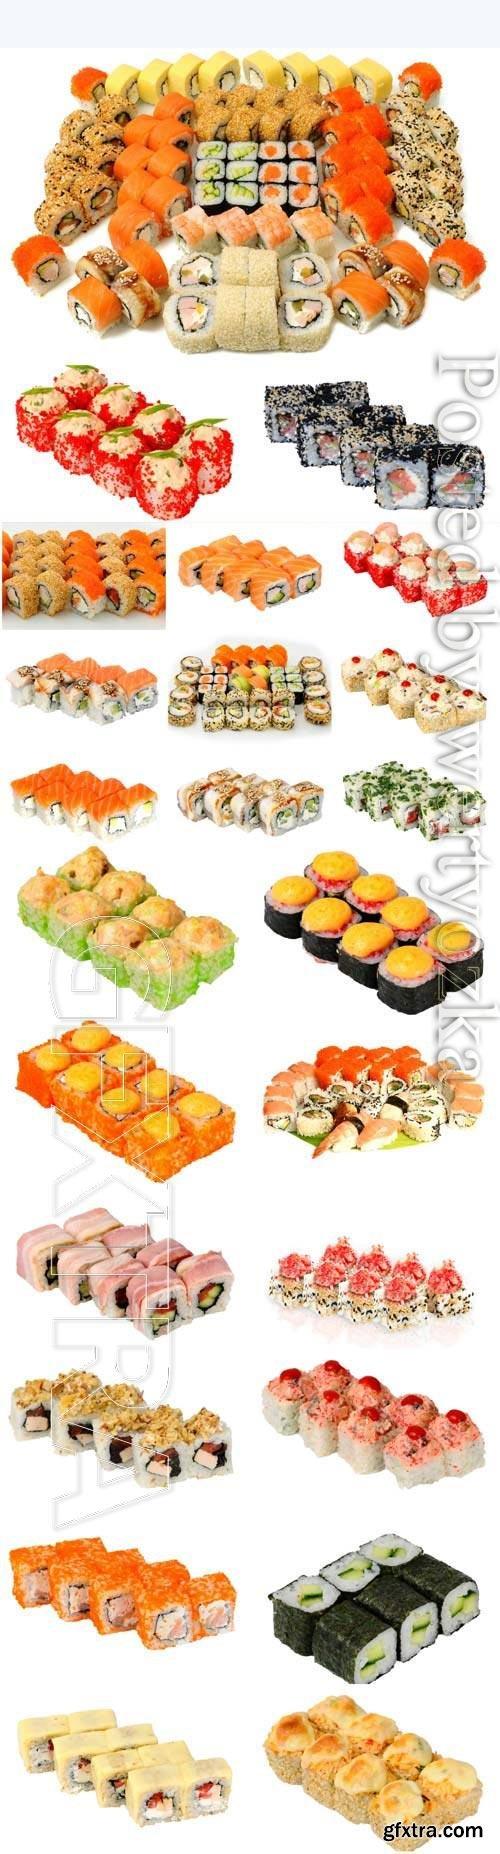 Assortment of sushi on white background stock photo